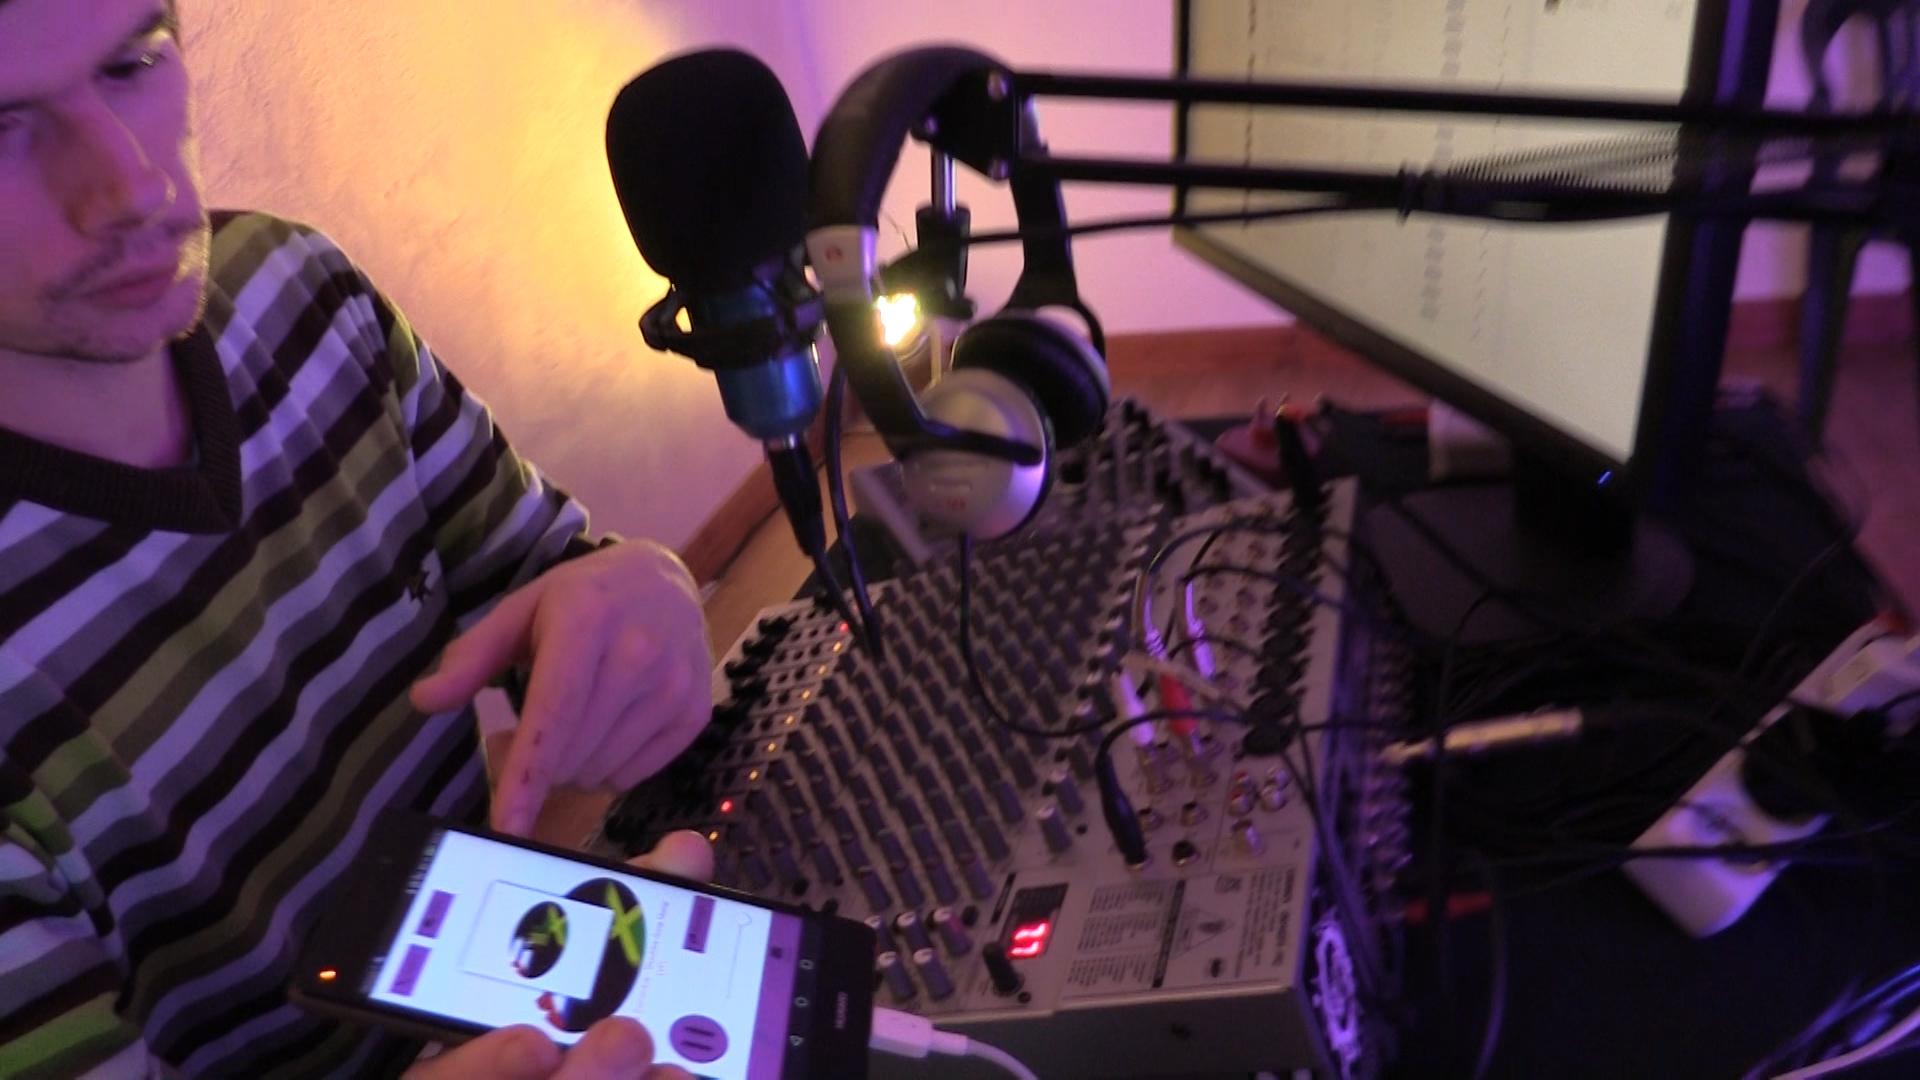 La webradio de Manu, RMB